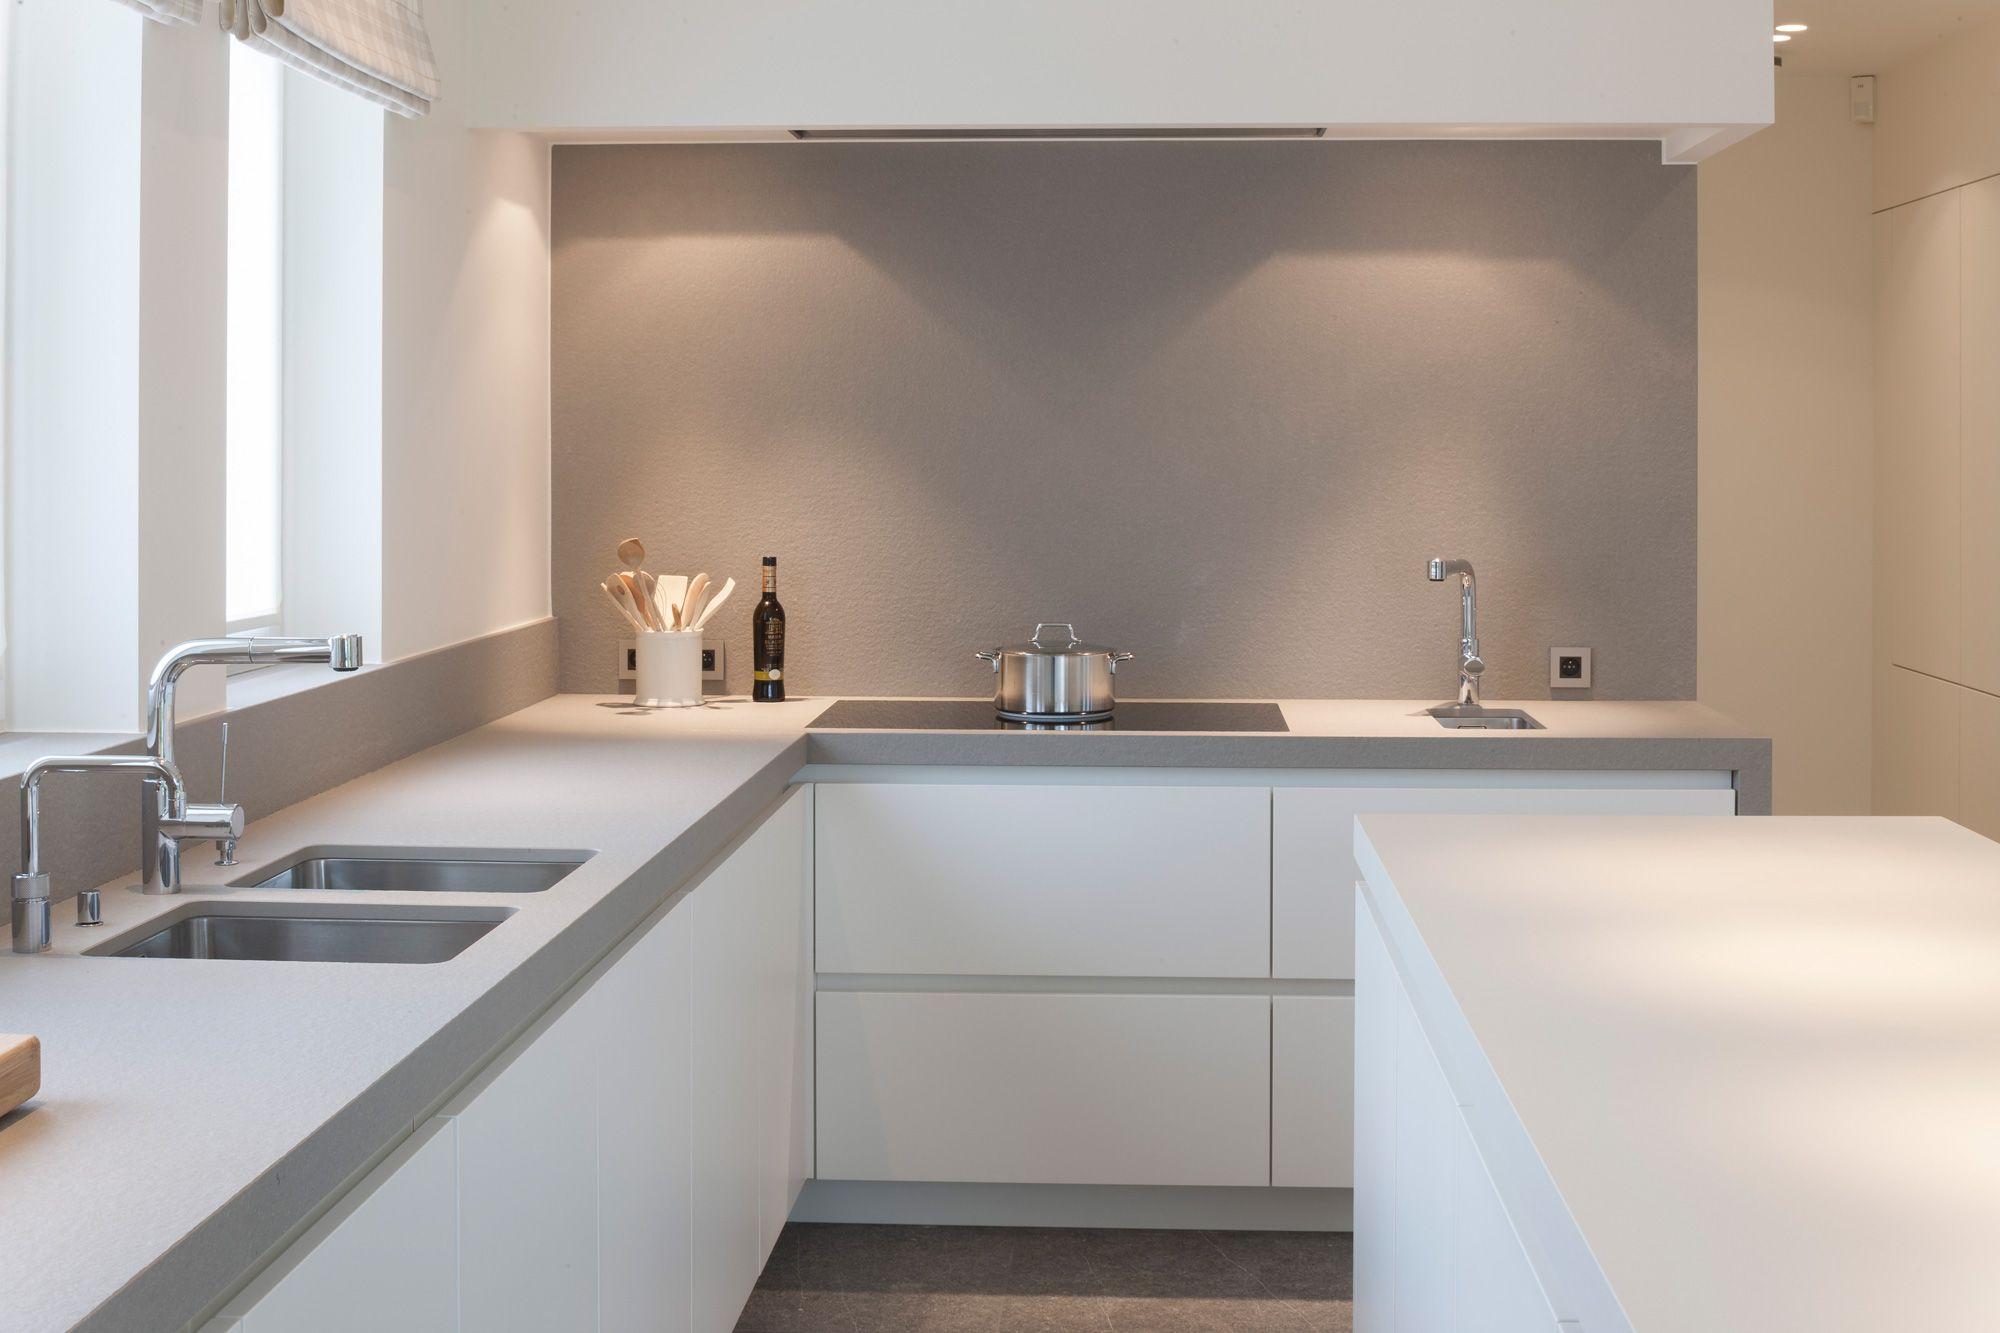 Keramiek keukenblad betonlook google zoeken keuken